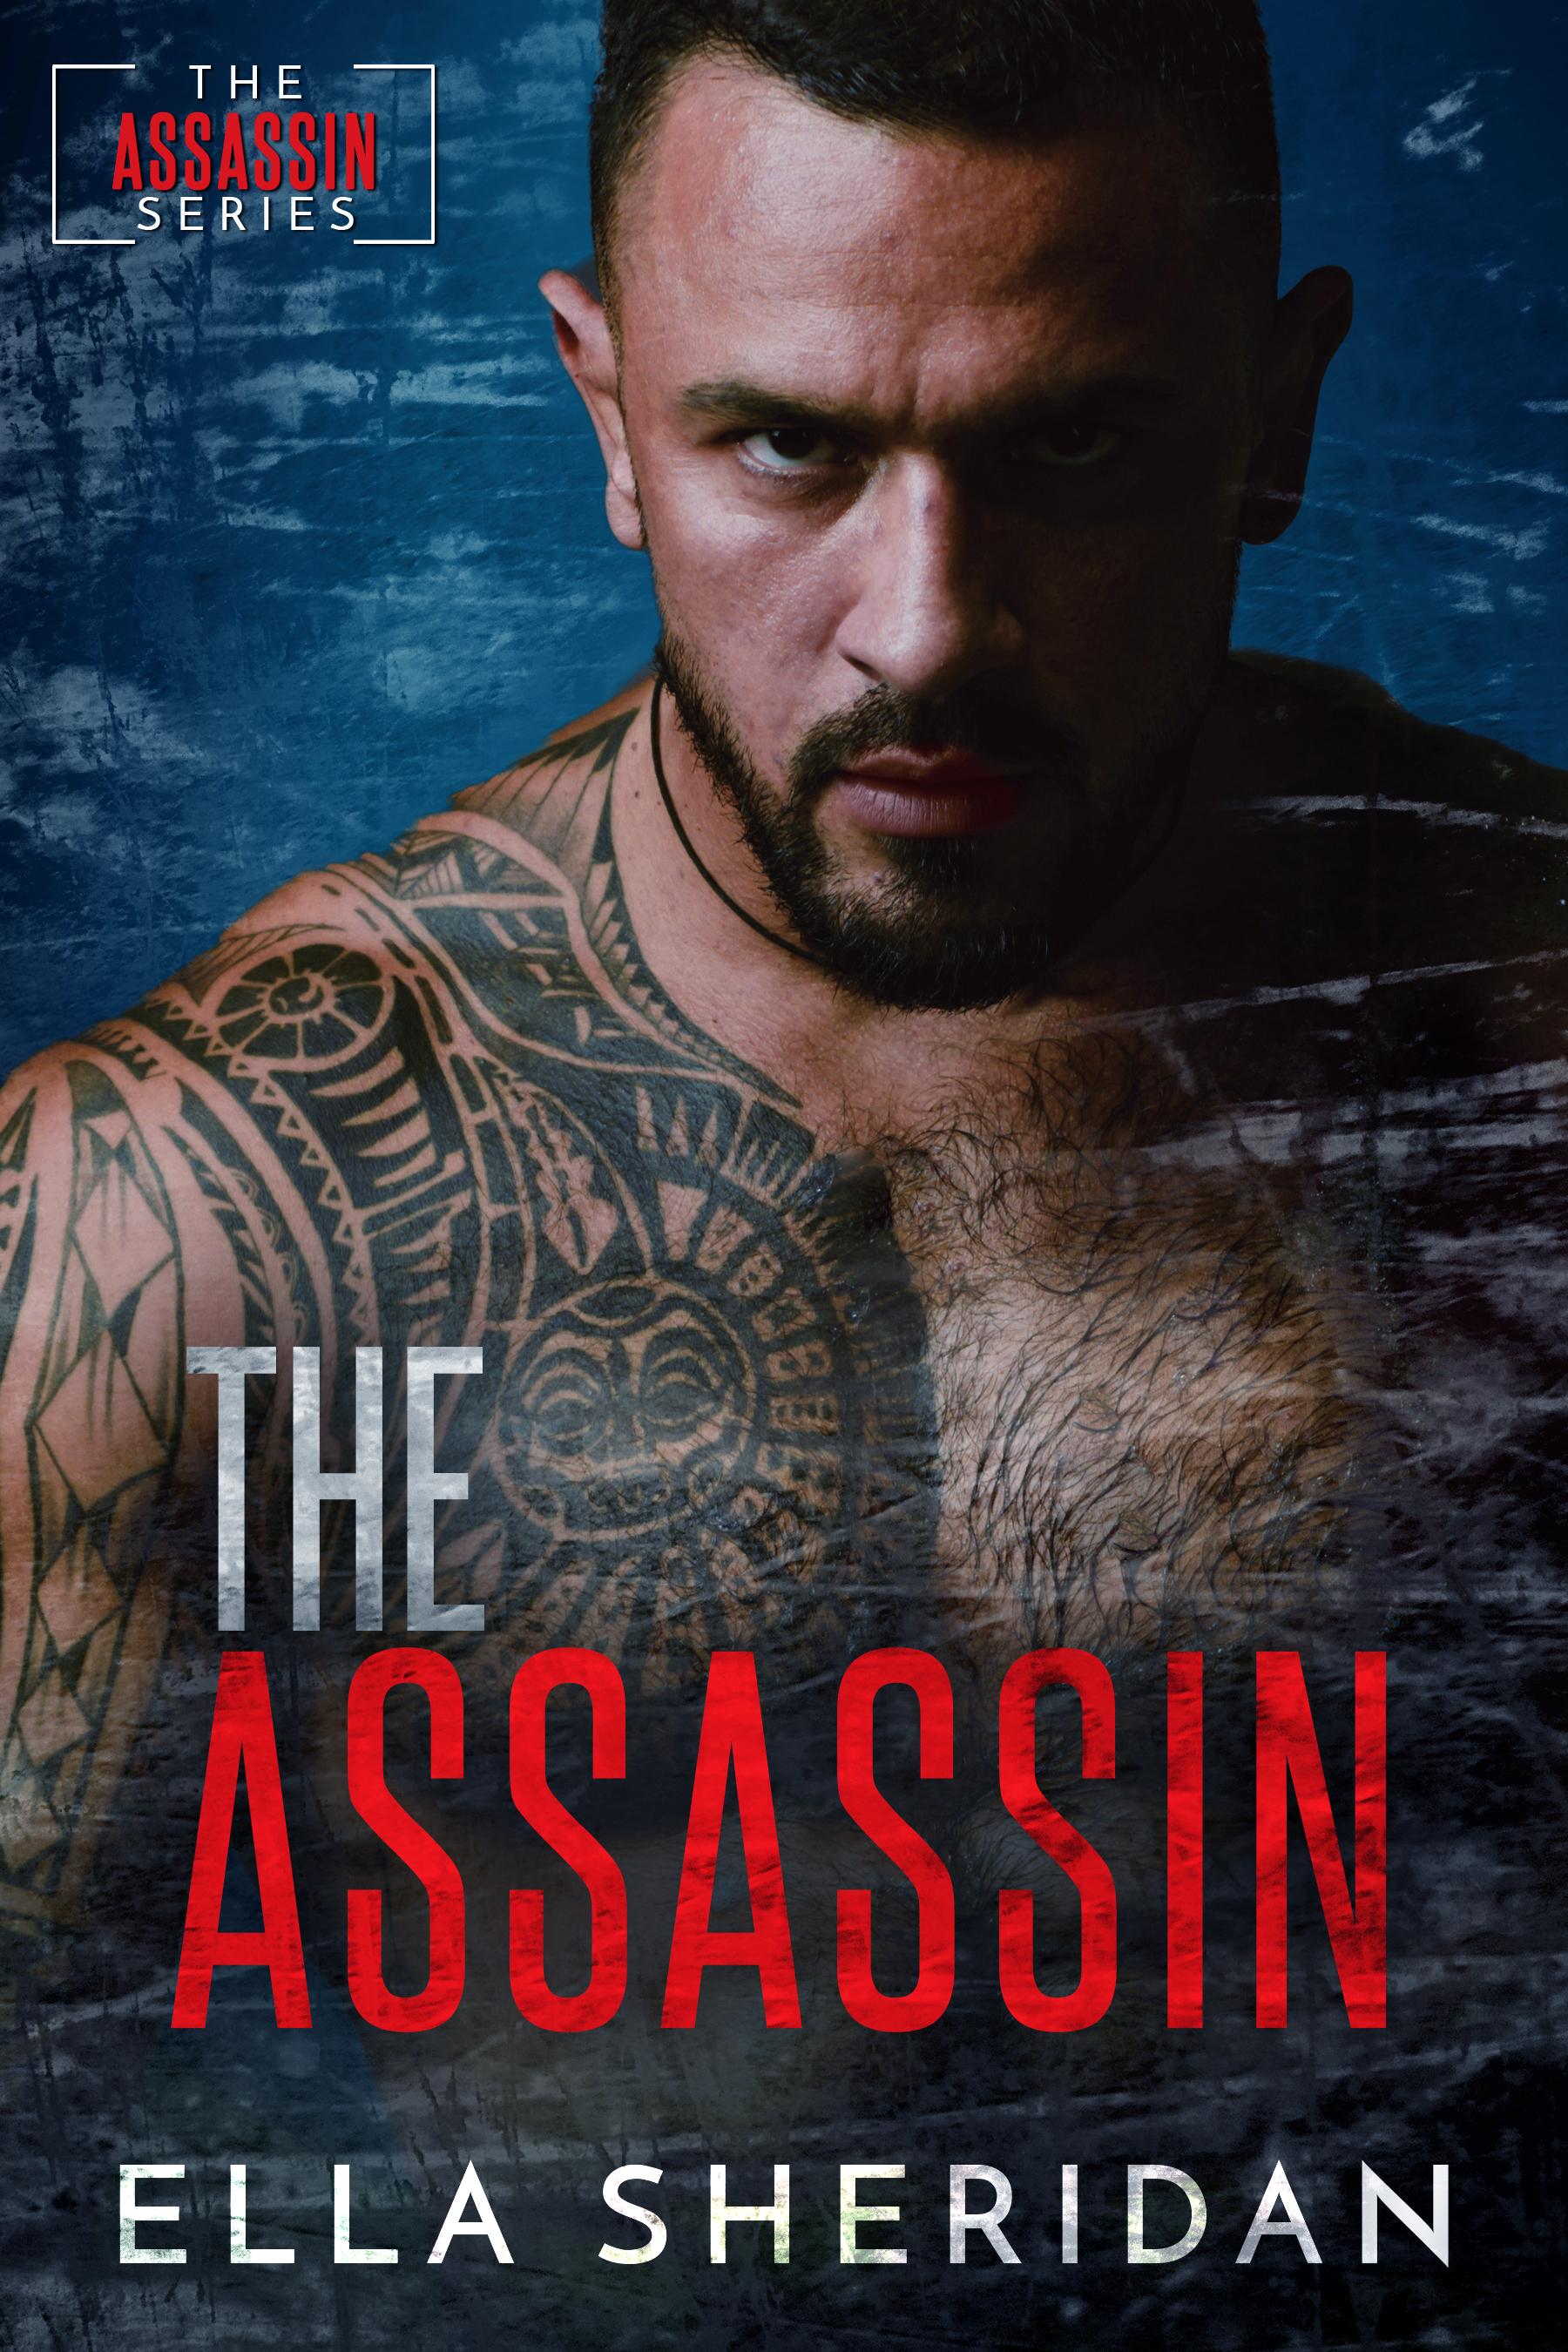 THE ASSASSIN_Cover.jpg